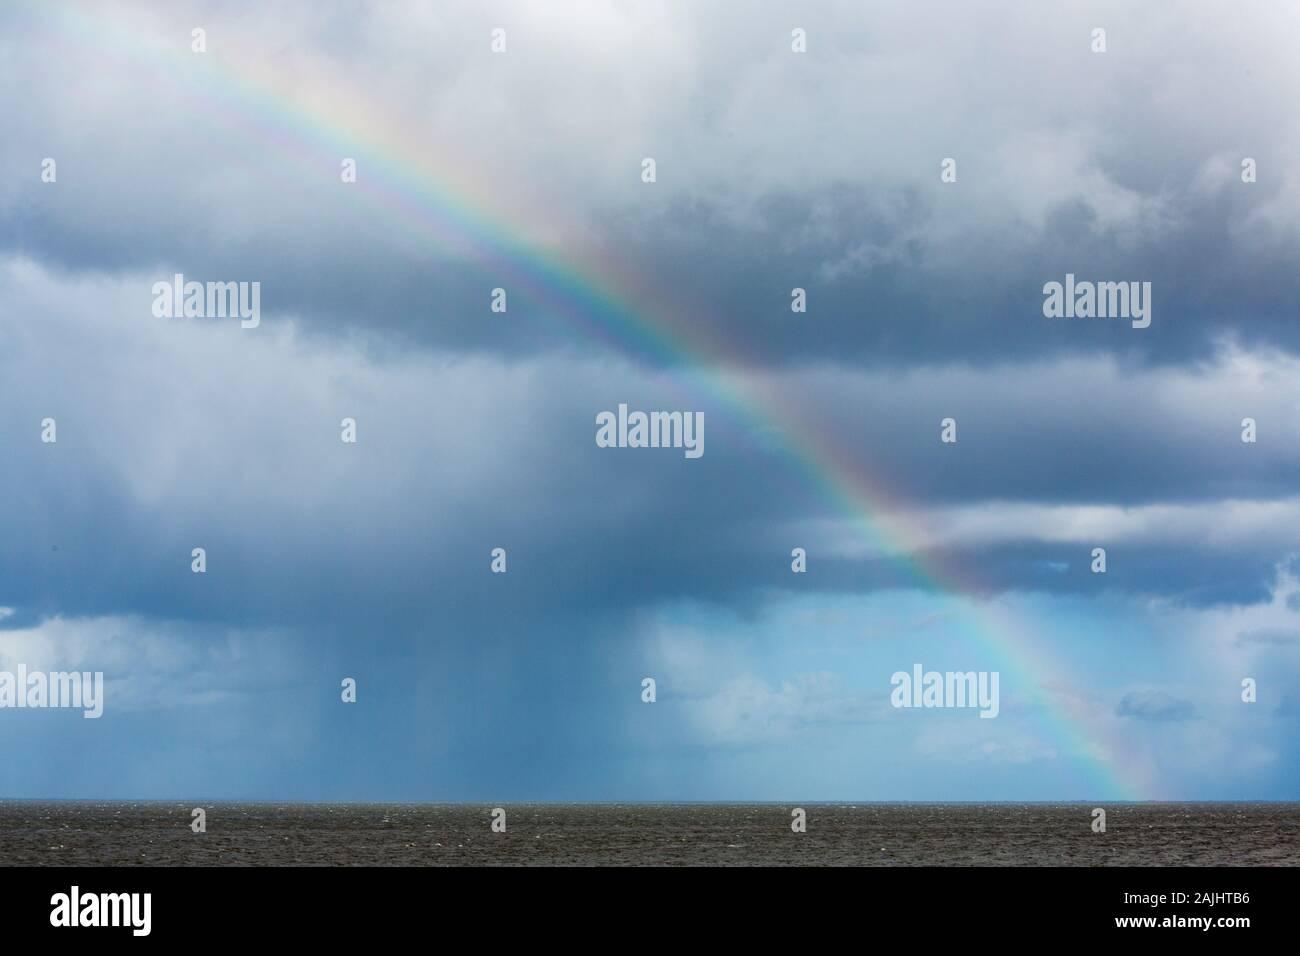 Regenbogen, Regenwolken, Himmel, Wattenmeer, Keitum, Sylt Stock Photo